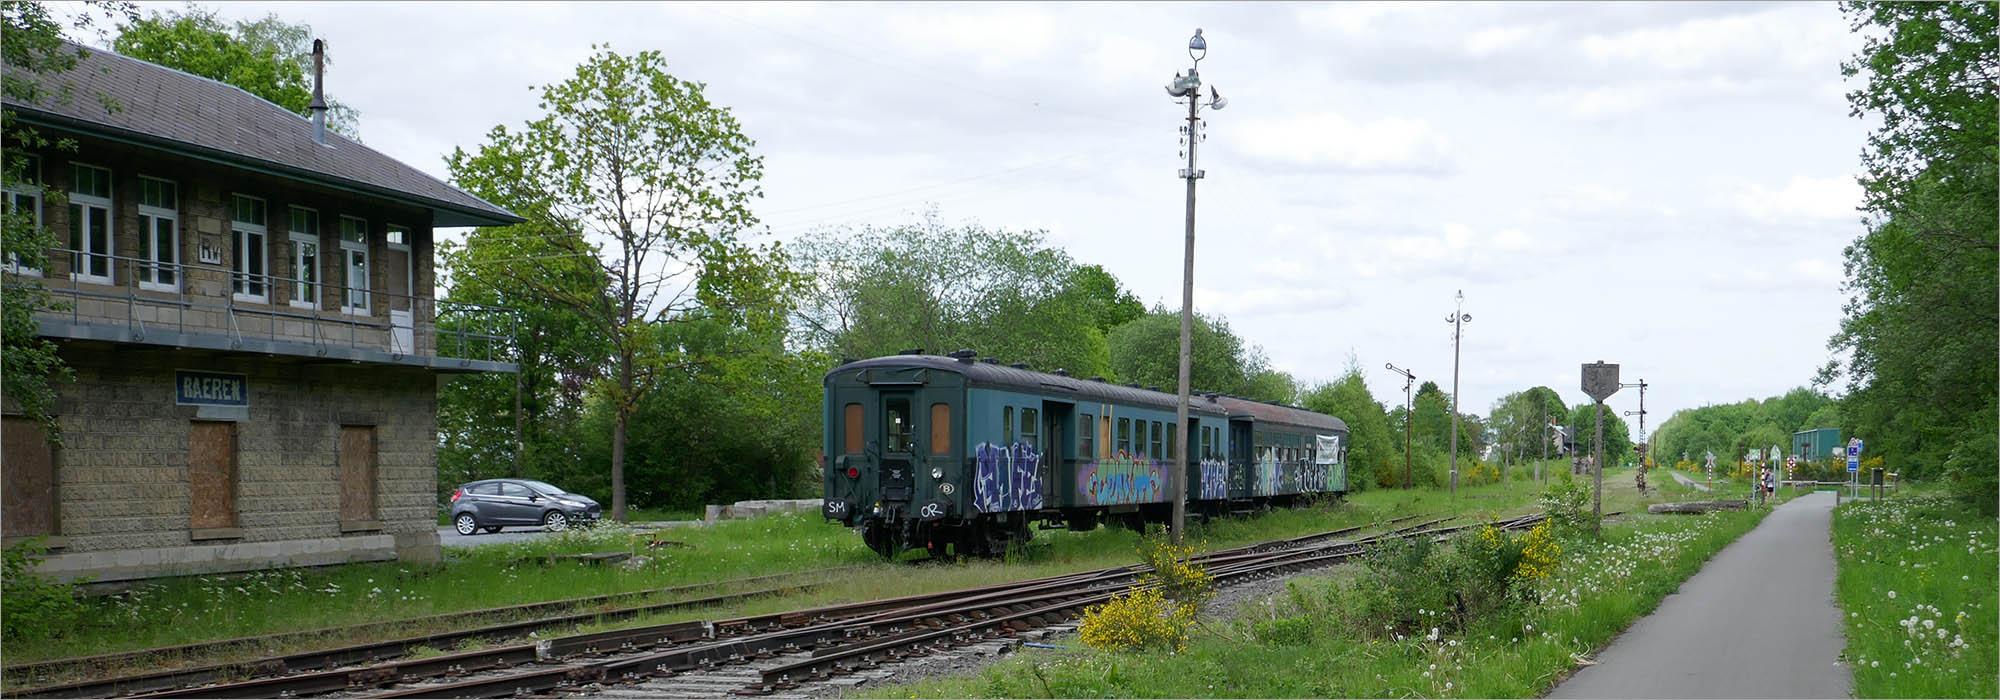 (Voormalig) station Raeren, fietsen Vennbahn